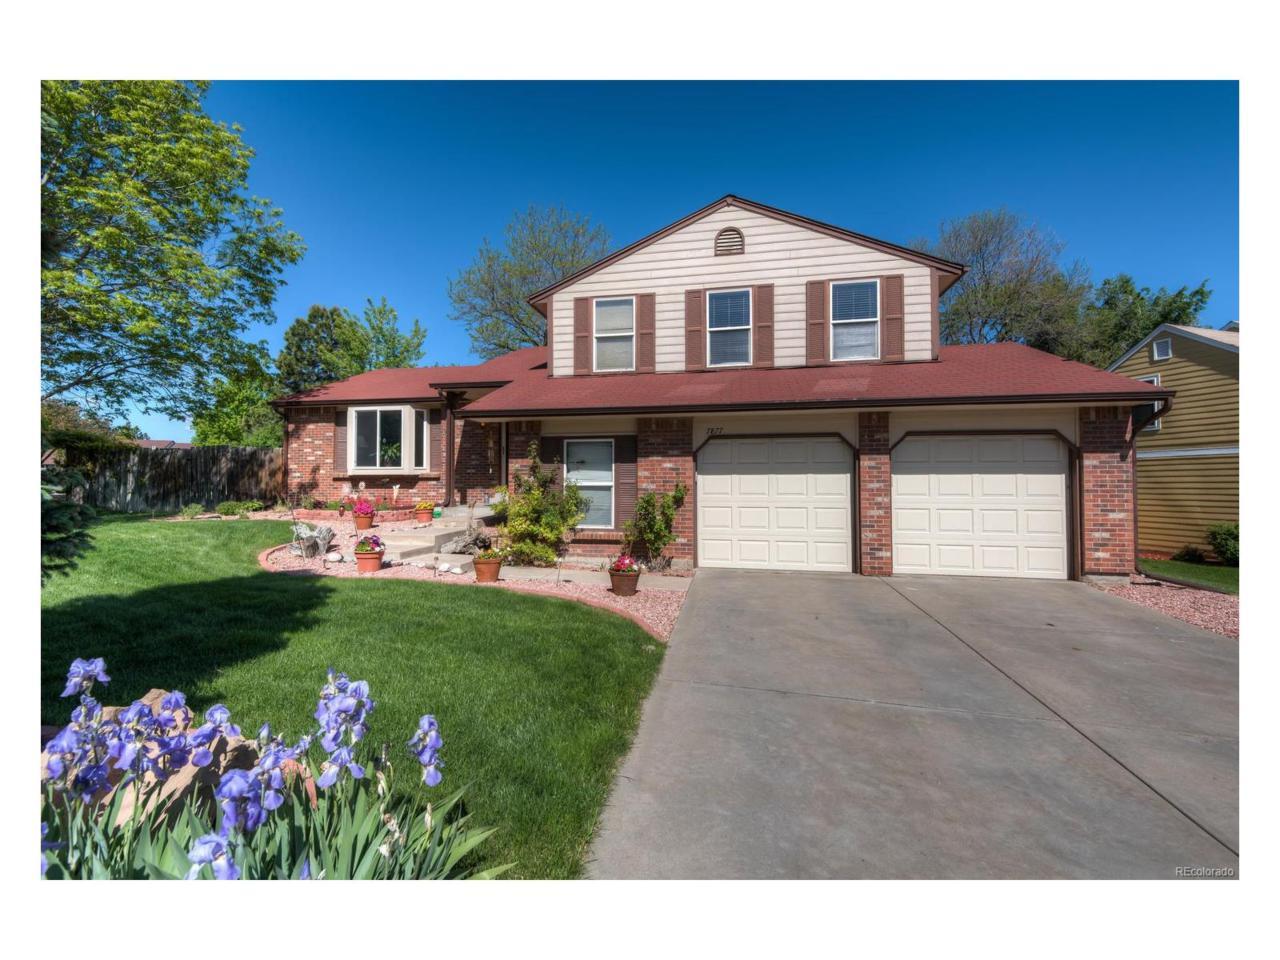 7877 S Logan Drive, Littleton, CO 80122 (MLS #6650381) :: 8z Real Estate